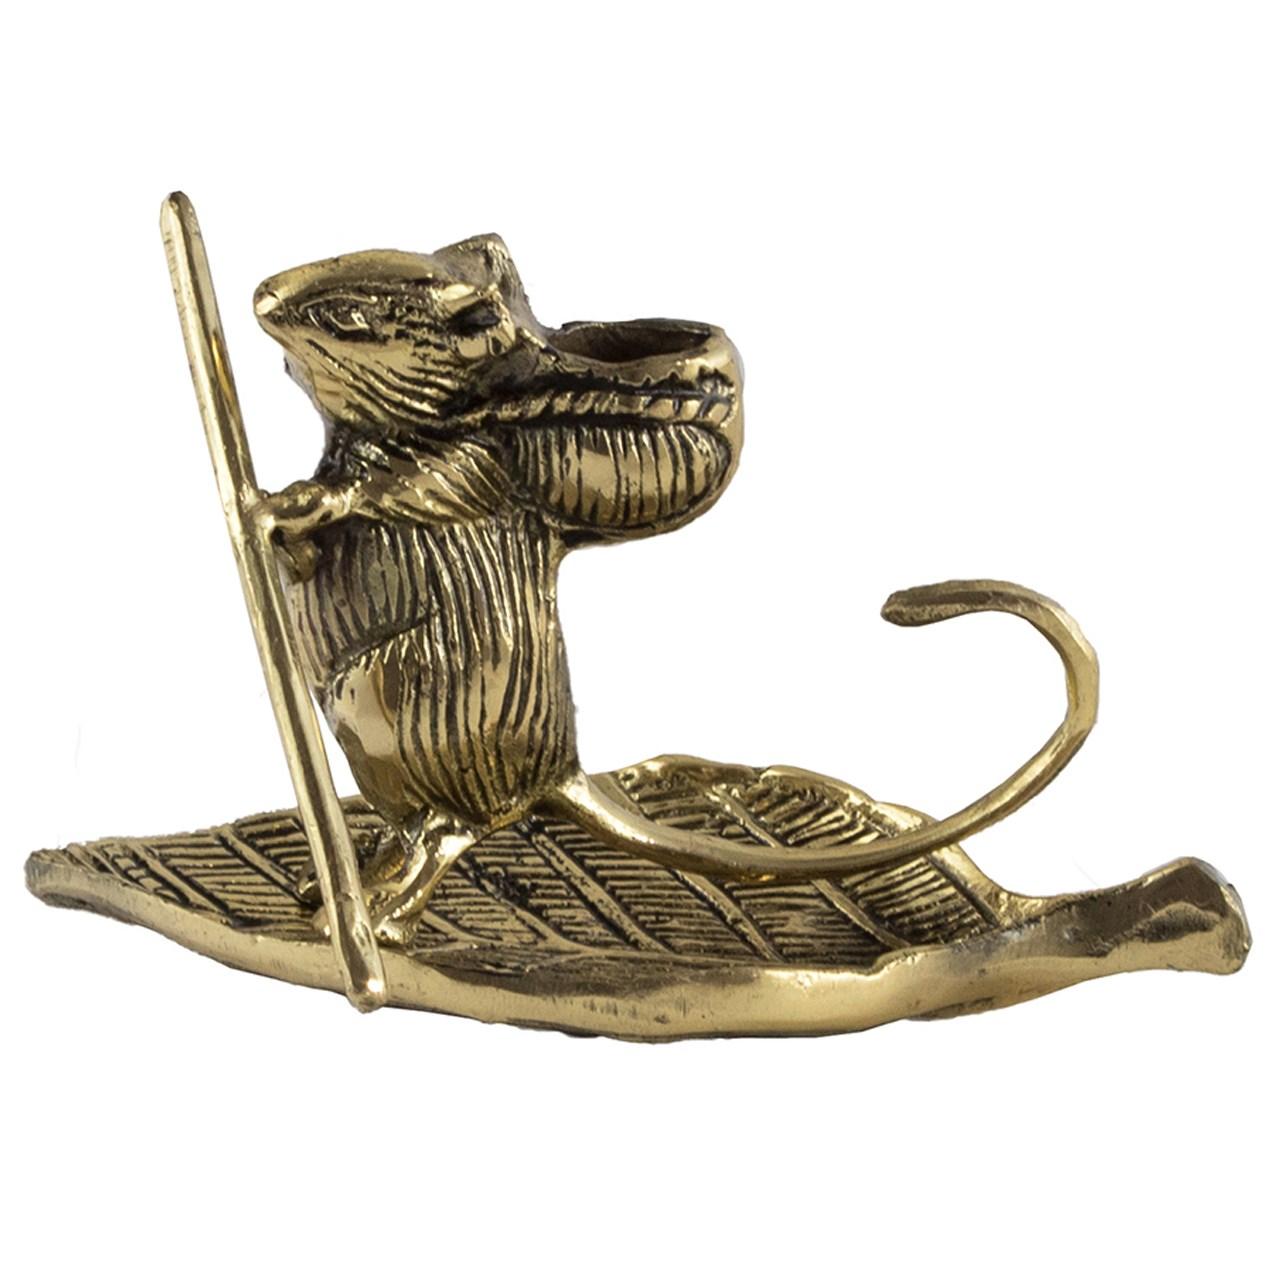 مجسمه برنزی طرح Mouse کد 020030055